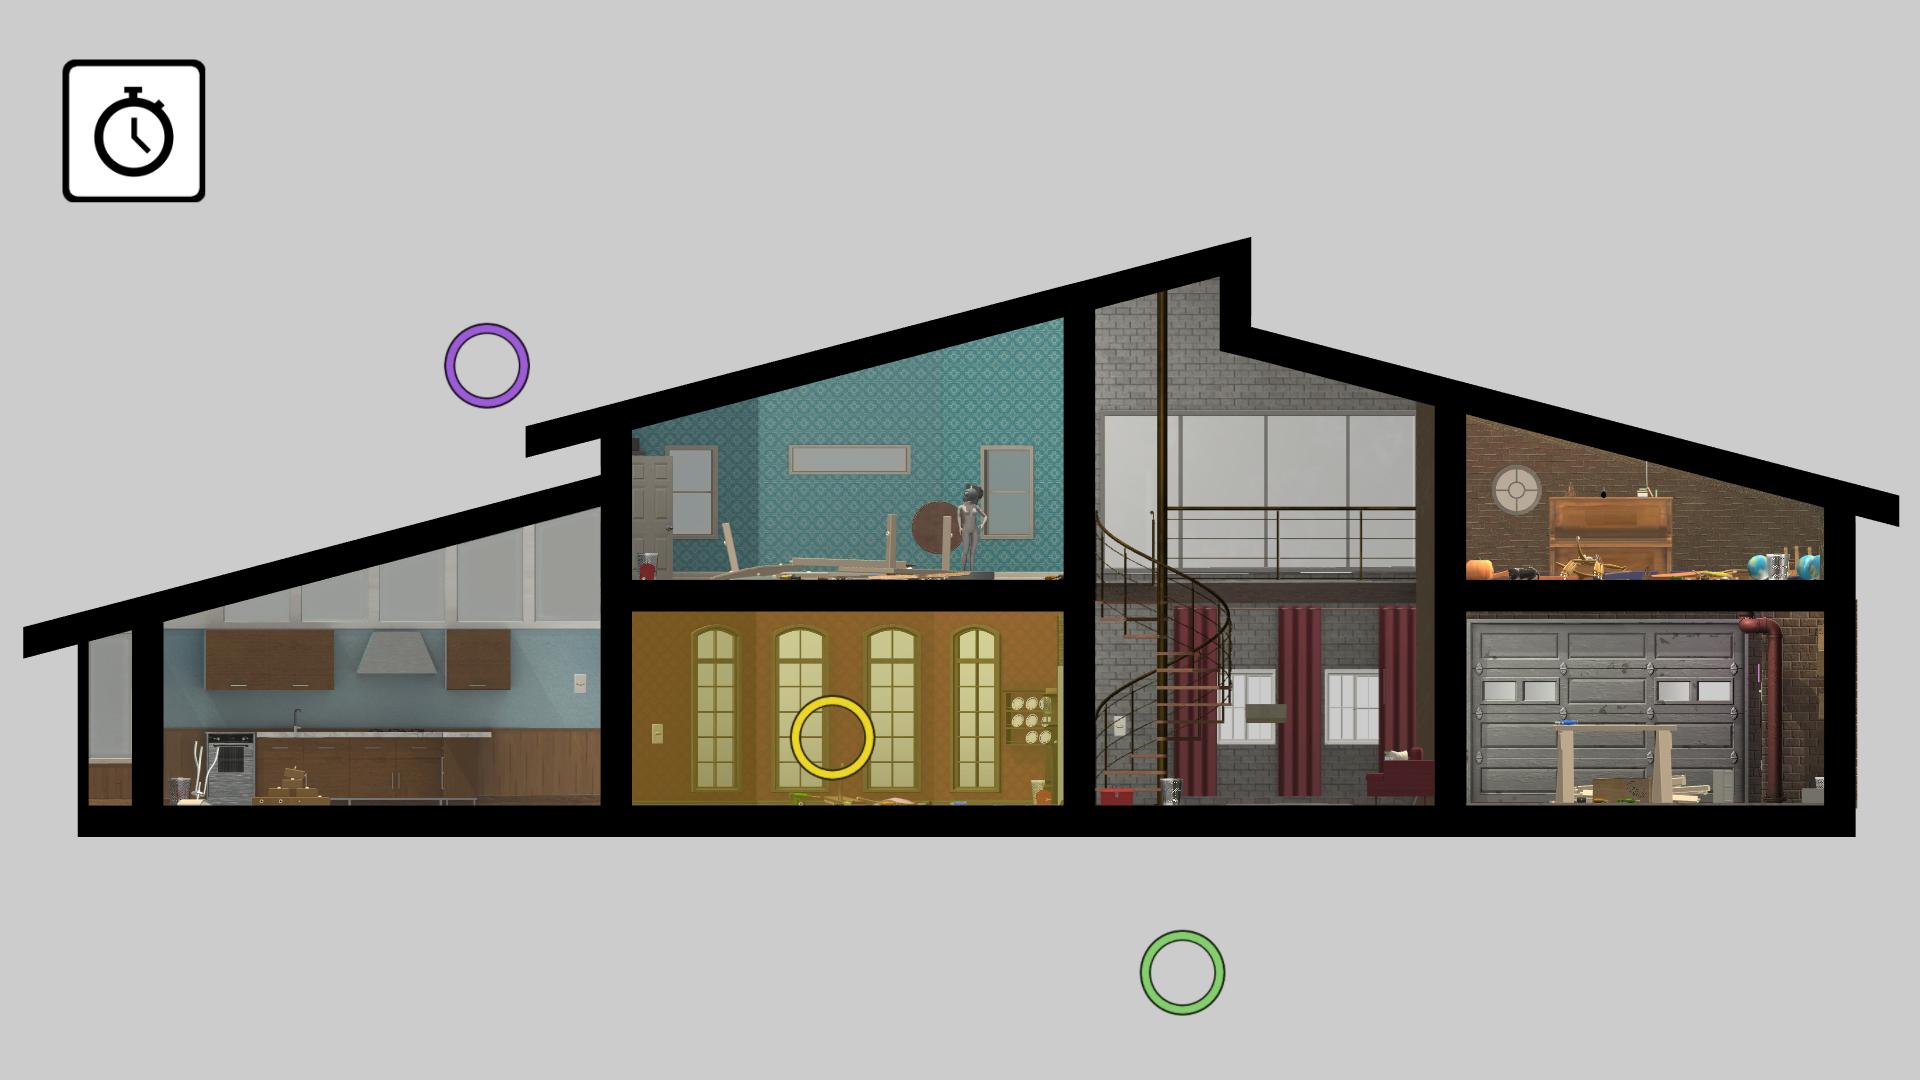 House design games steam - Screenshots